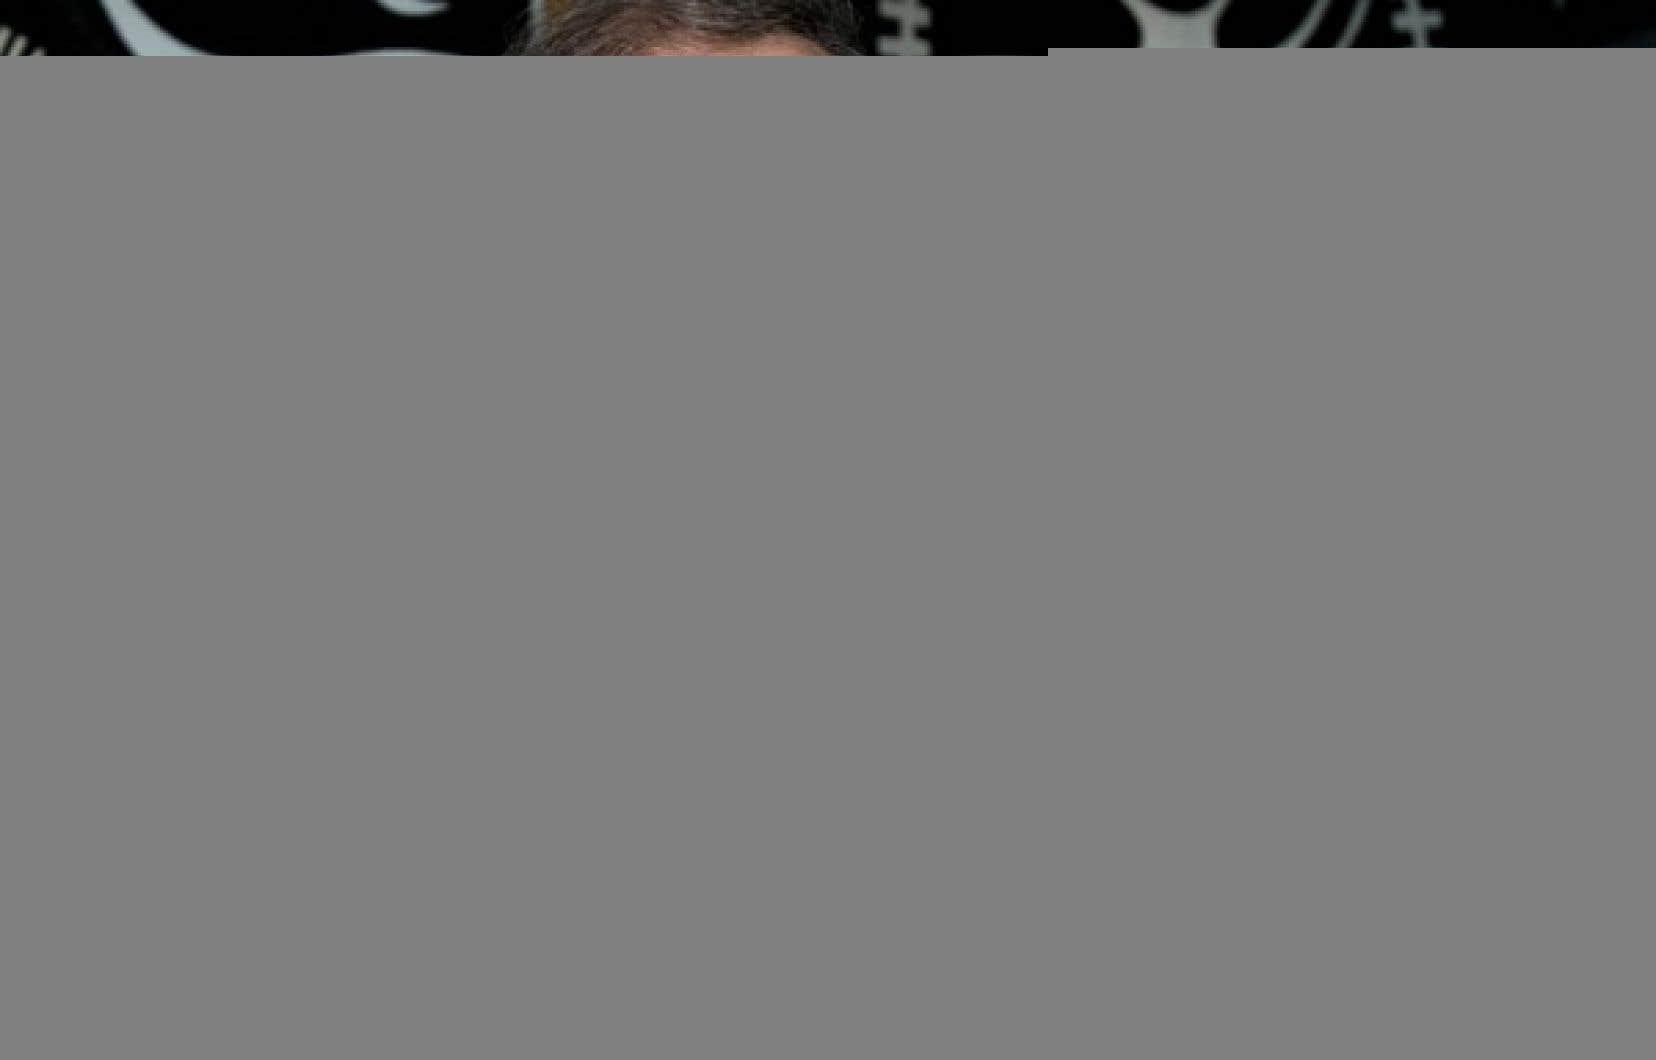 Un premier avis d'infraction a été servi hier à la société Talisman parce qu'elle n'est pas encore arrivée à colmater son puits de Leclercville, confirmait hier au Devoir le ministre du Développement durable, de l'Environnement et des Parcs (MDDEP), Pierre Arcand.